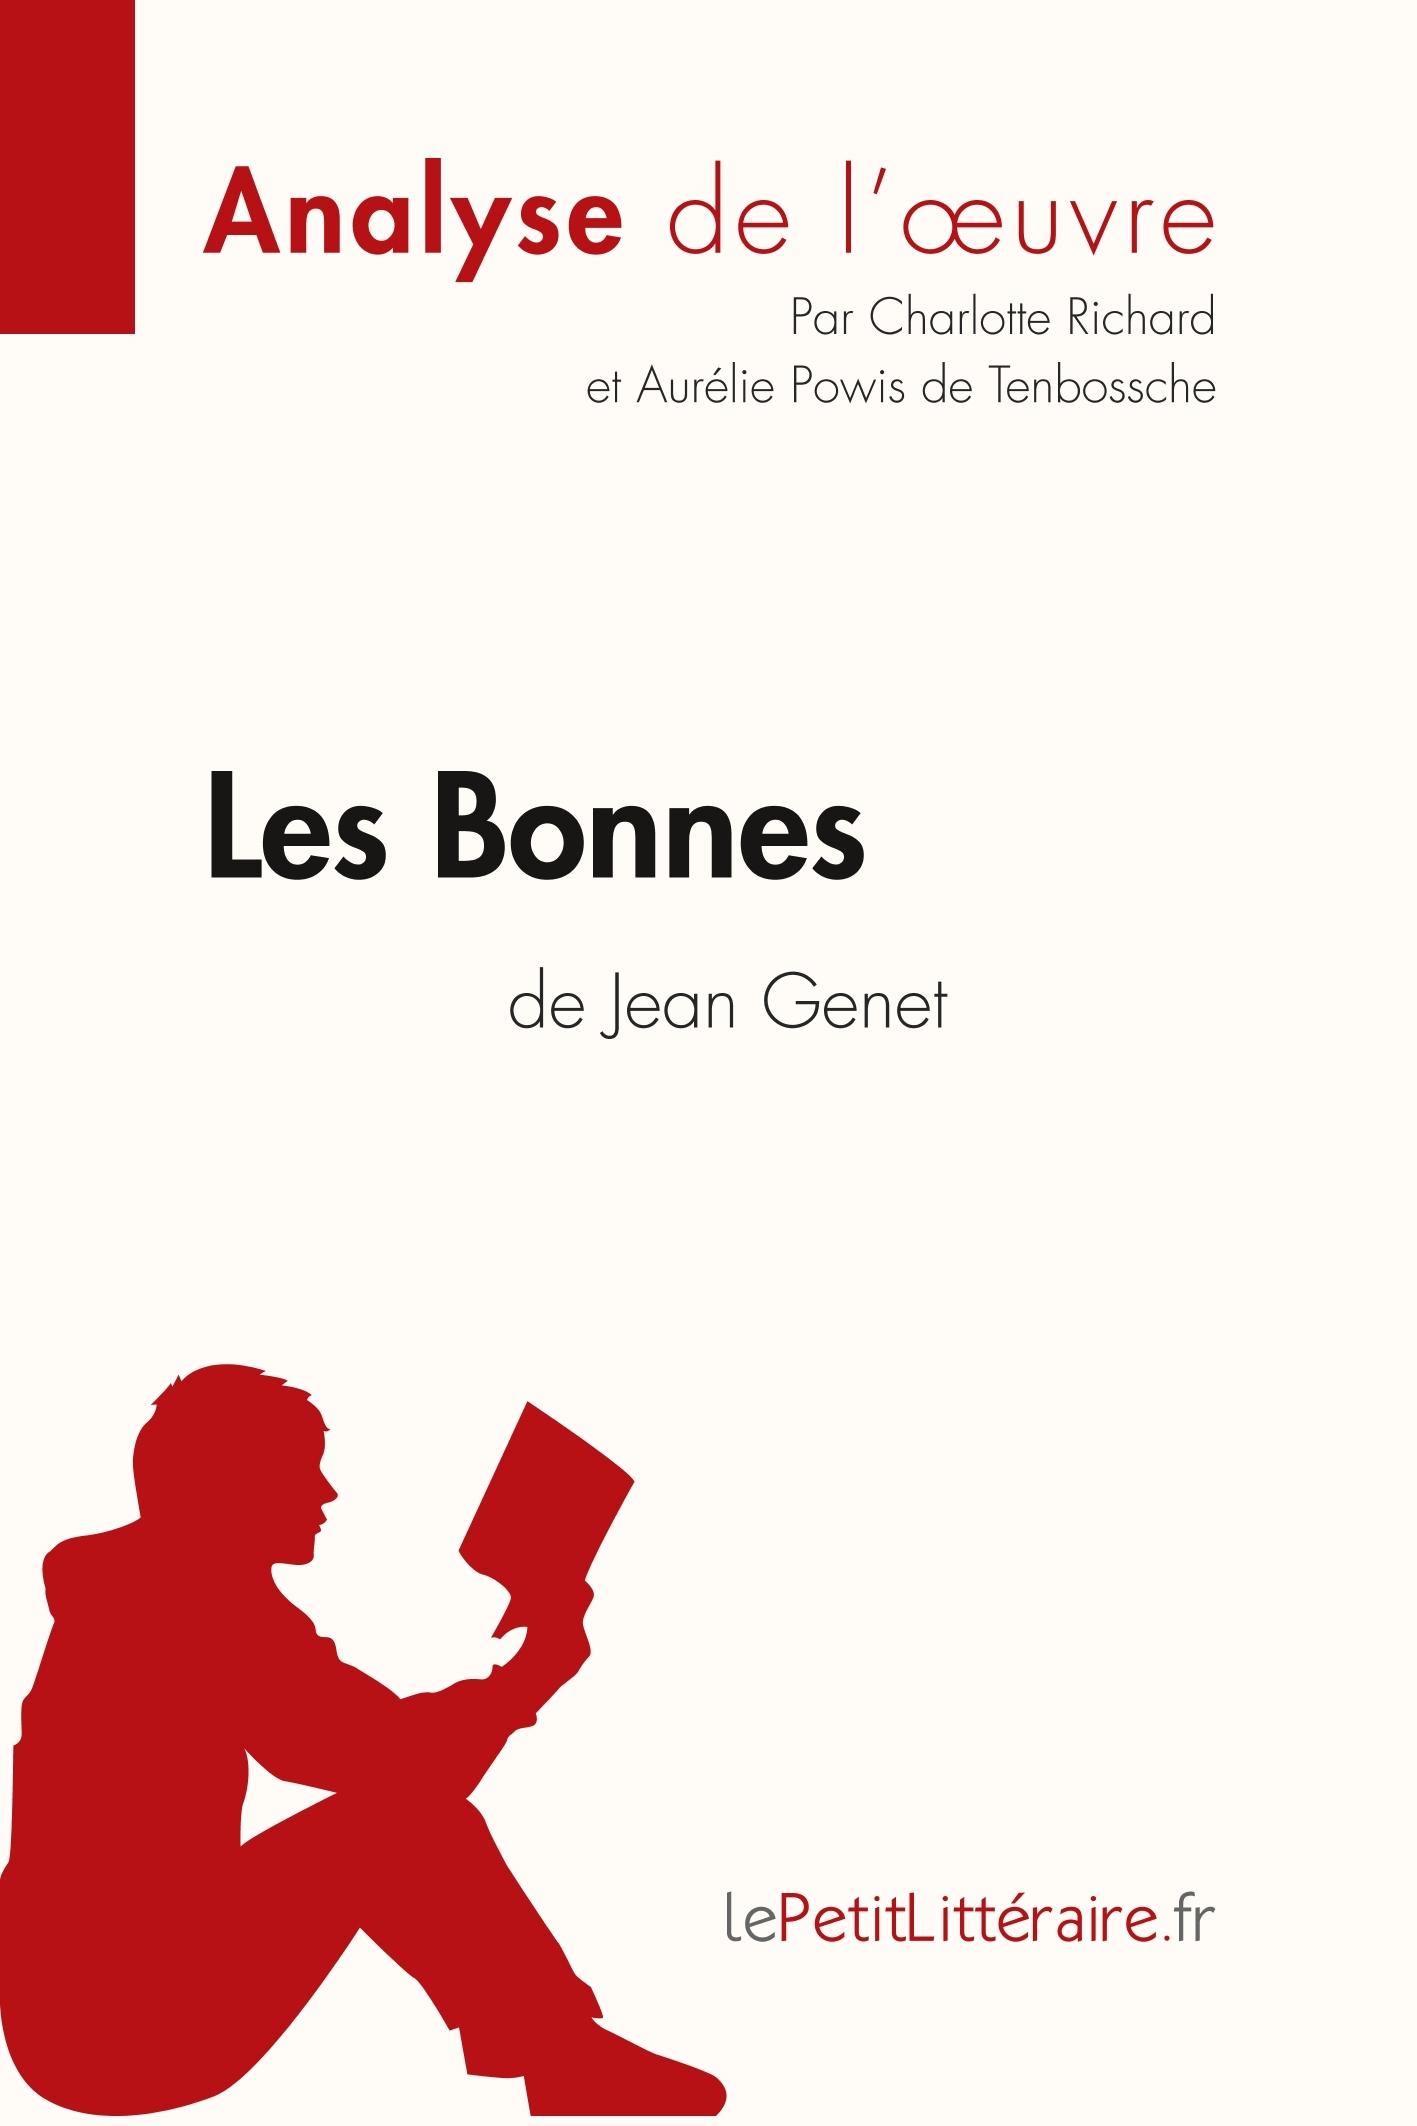 ANALYSE LES BONNES DE JEAN GENET ANALYSE COMPLETE DE L UVRE ET RESUME